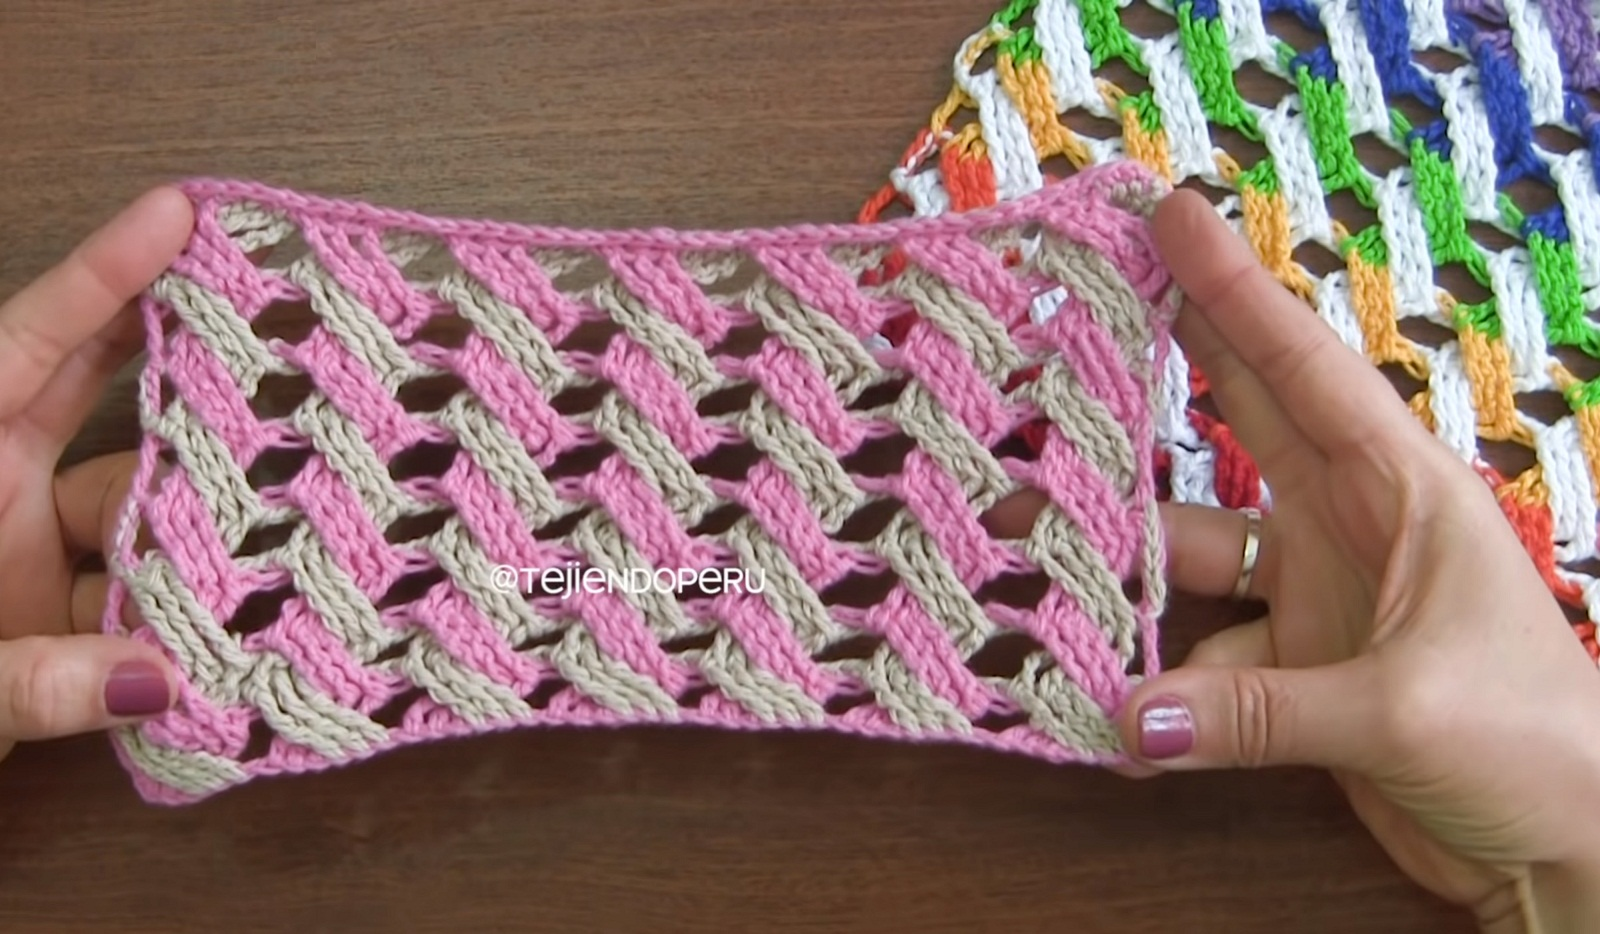 Crochet Multicolor Cable Stitch